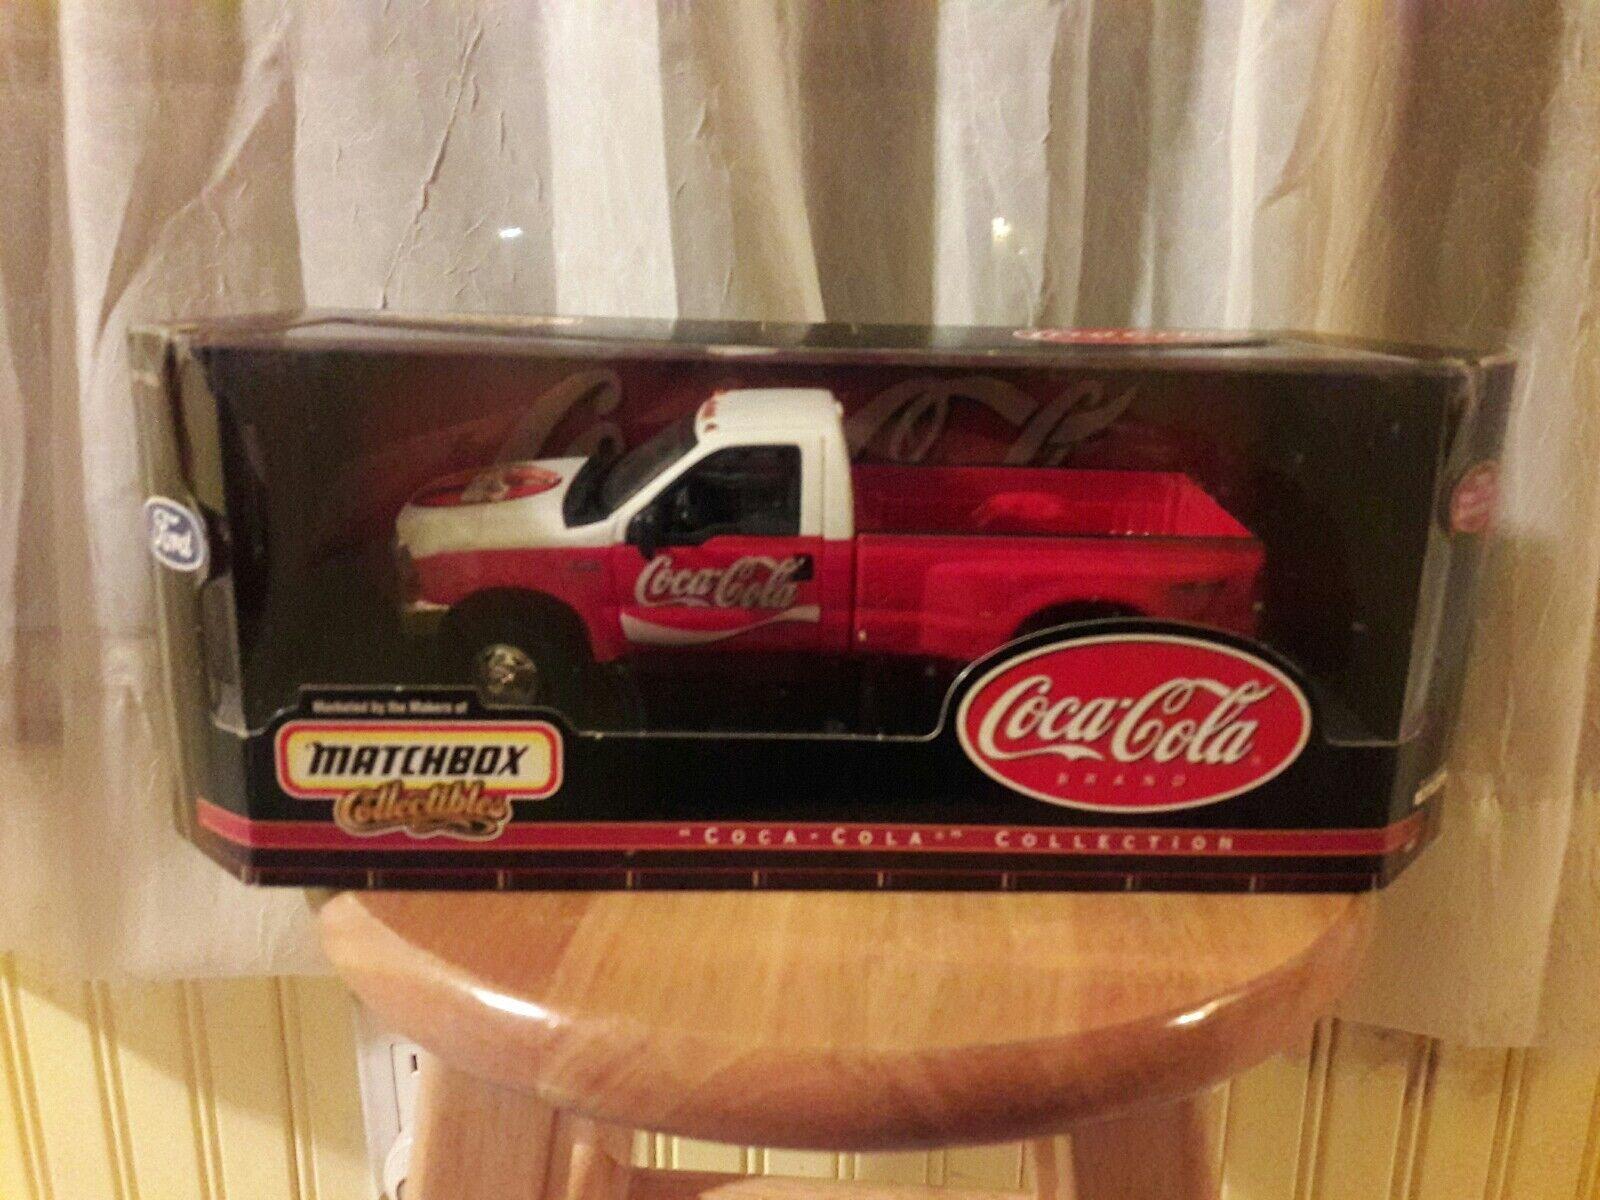 24 coca - cola 1999 ford f-350 super duty matchbox collectibles nib